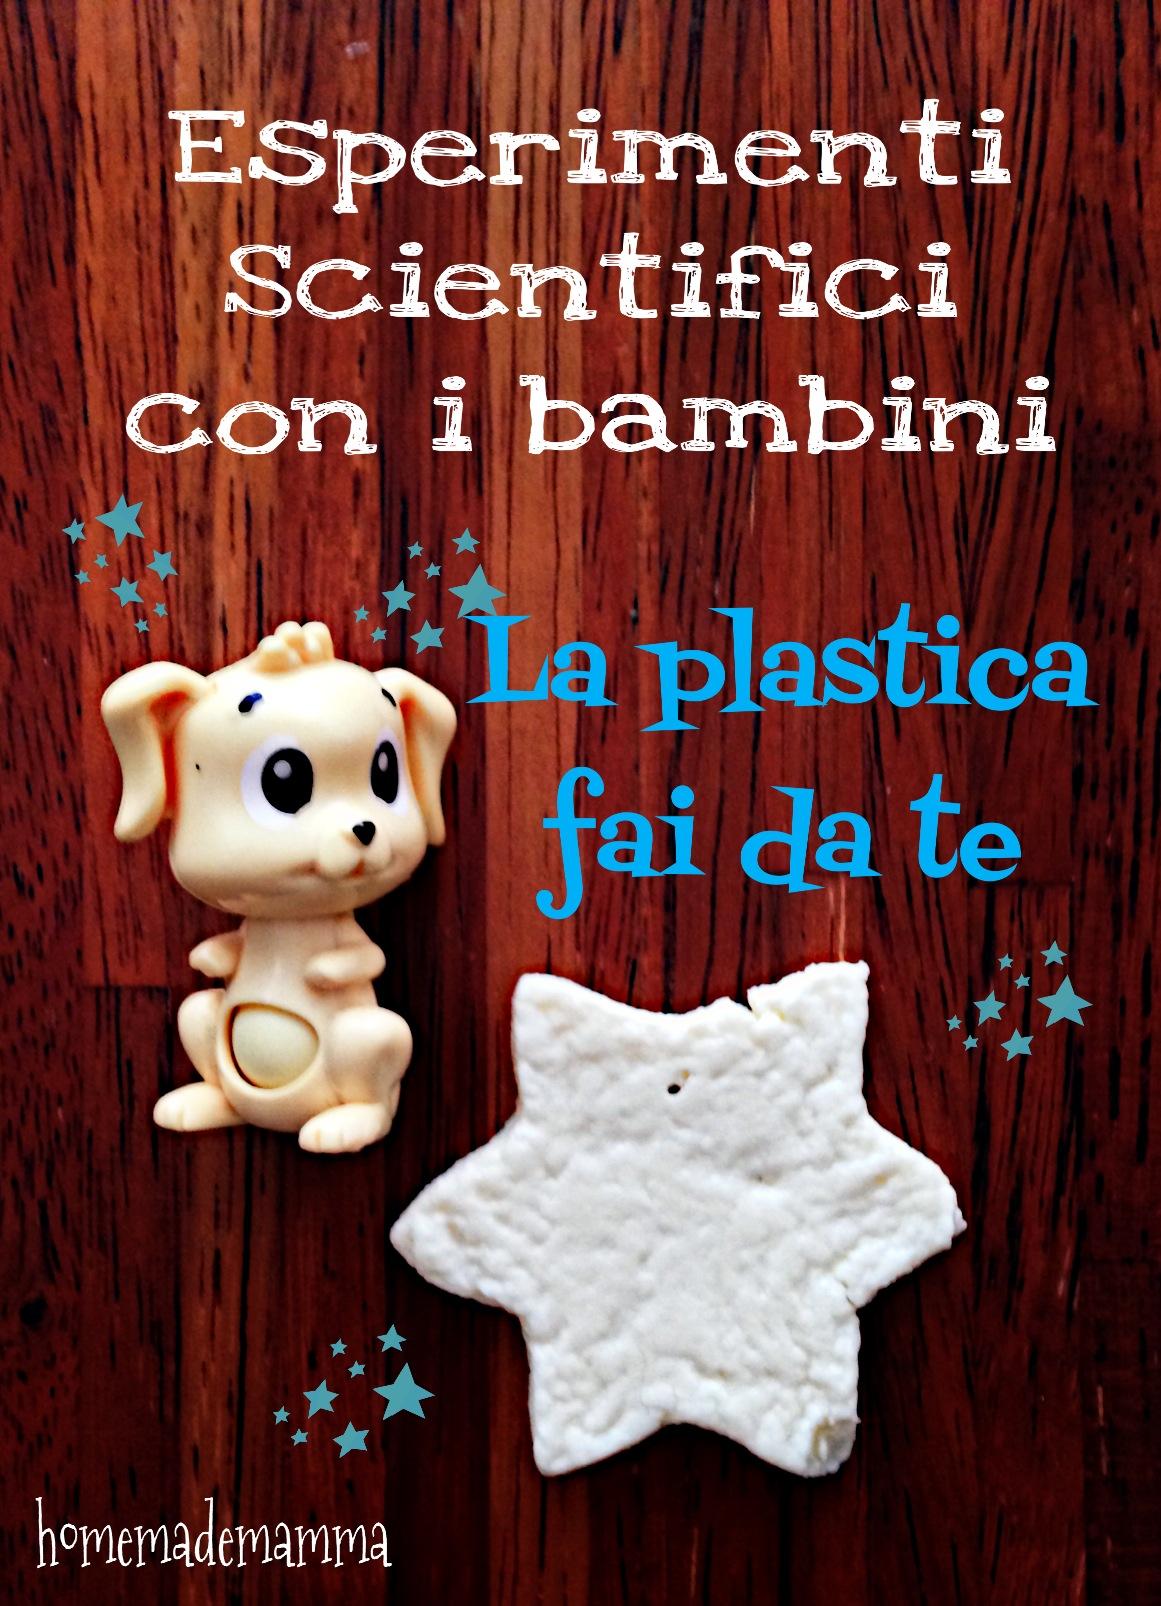 creare la plastica in casa esperimeti scientifici con i bambini